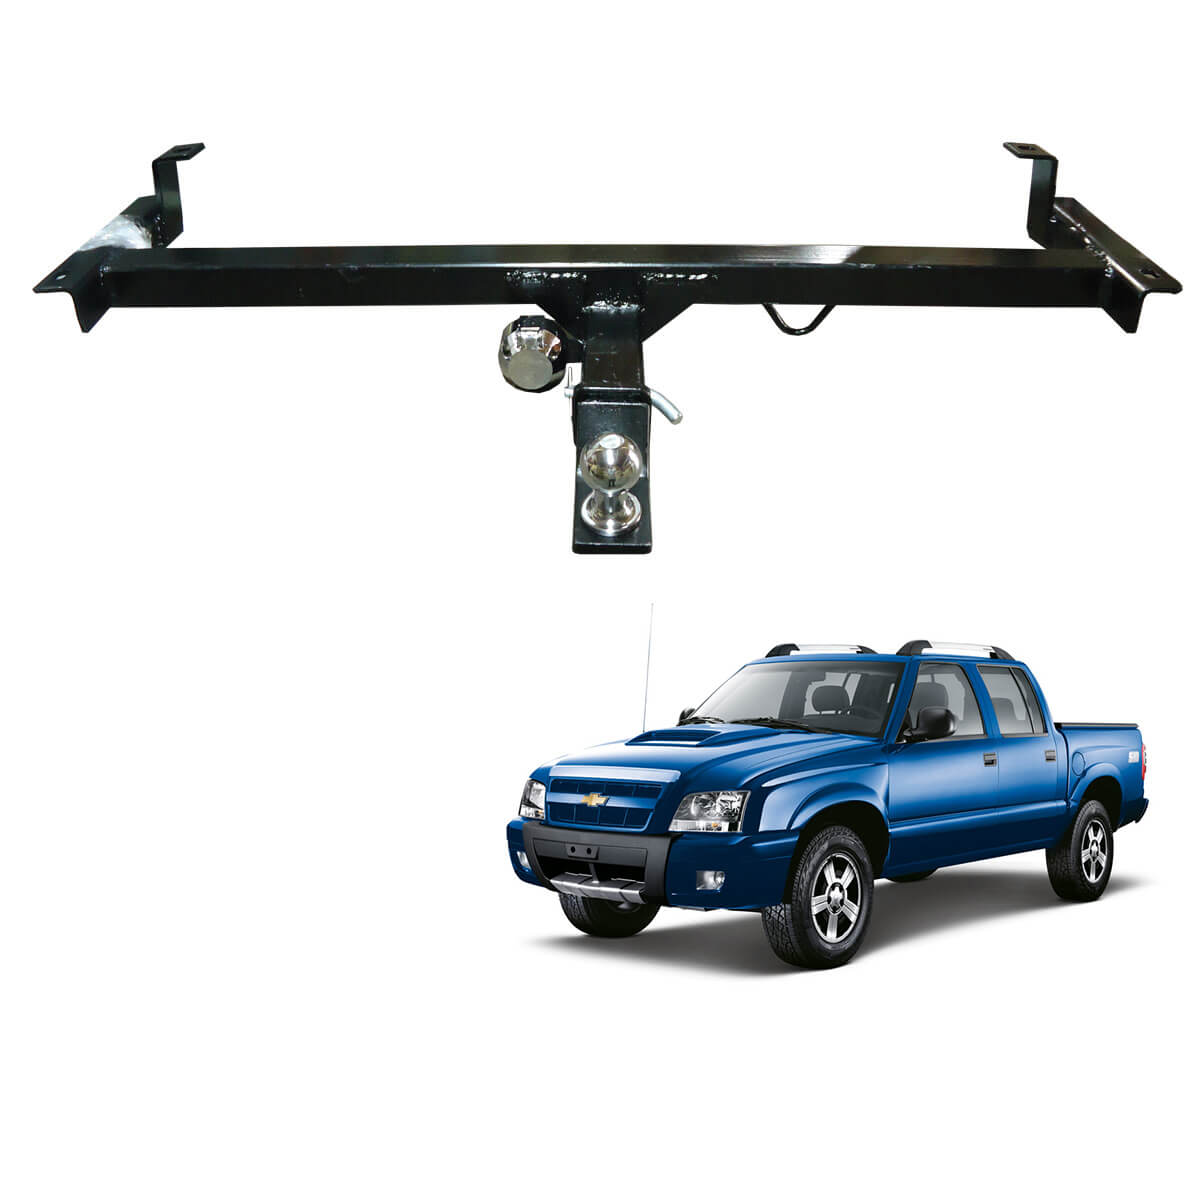 Engate de reboque S10 2001 a 2011 removível 1000 Kg